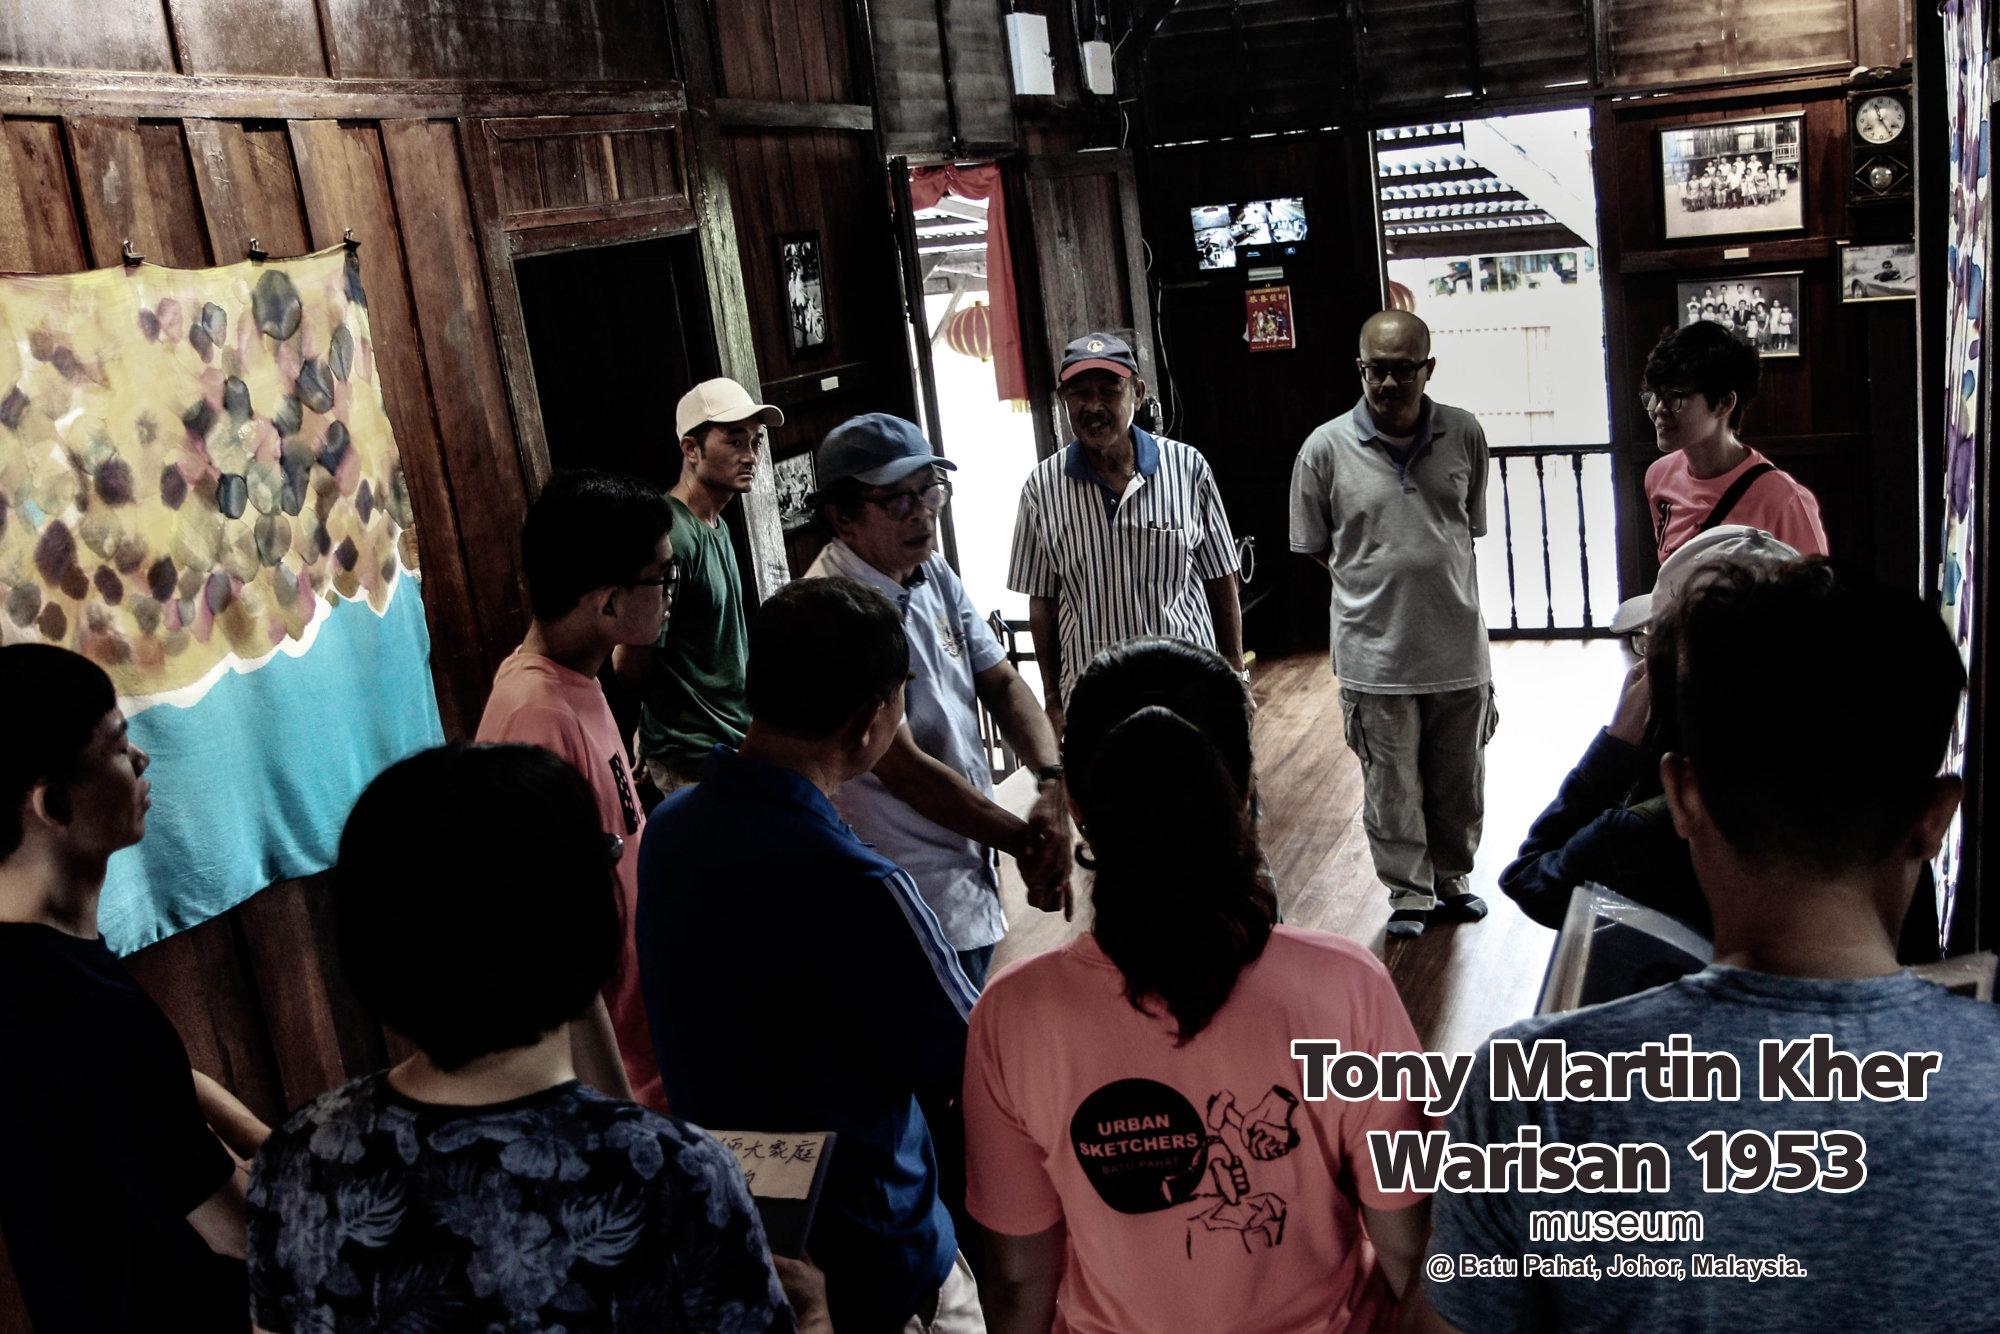 Tony Martin Kher founder of Warisan 1953 Museum at Batu Pahat Johor Malaysia Heritage 1953 Artist Joey Kher A18